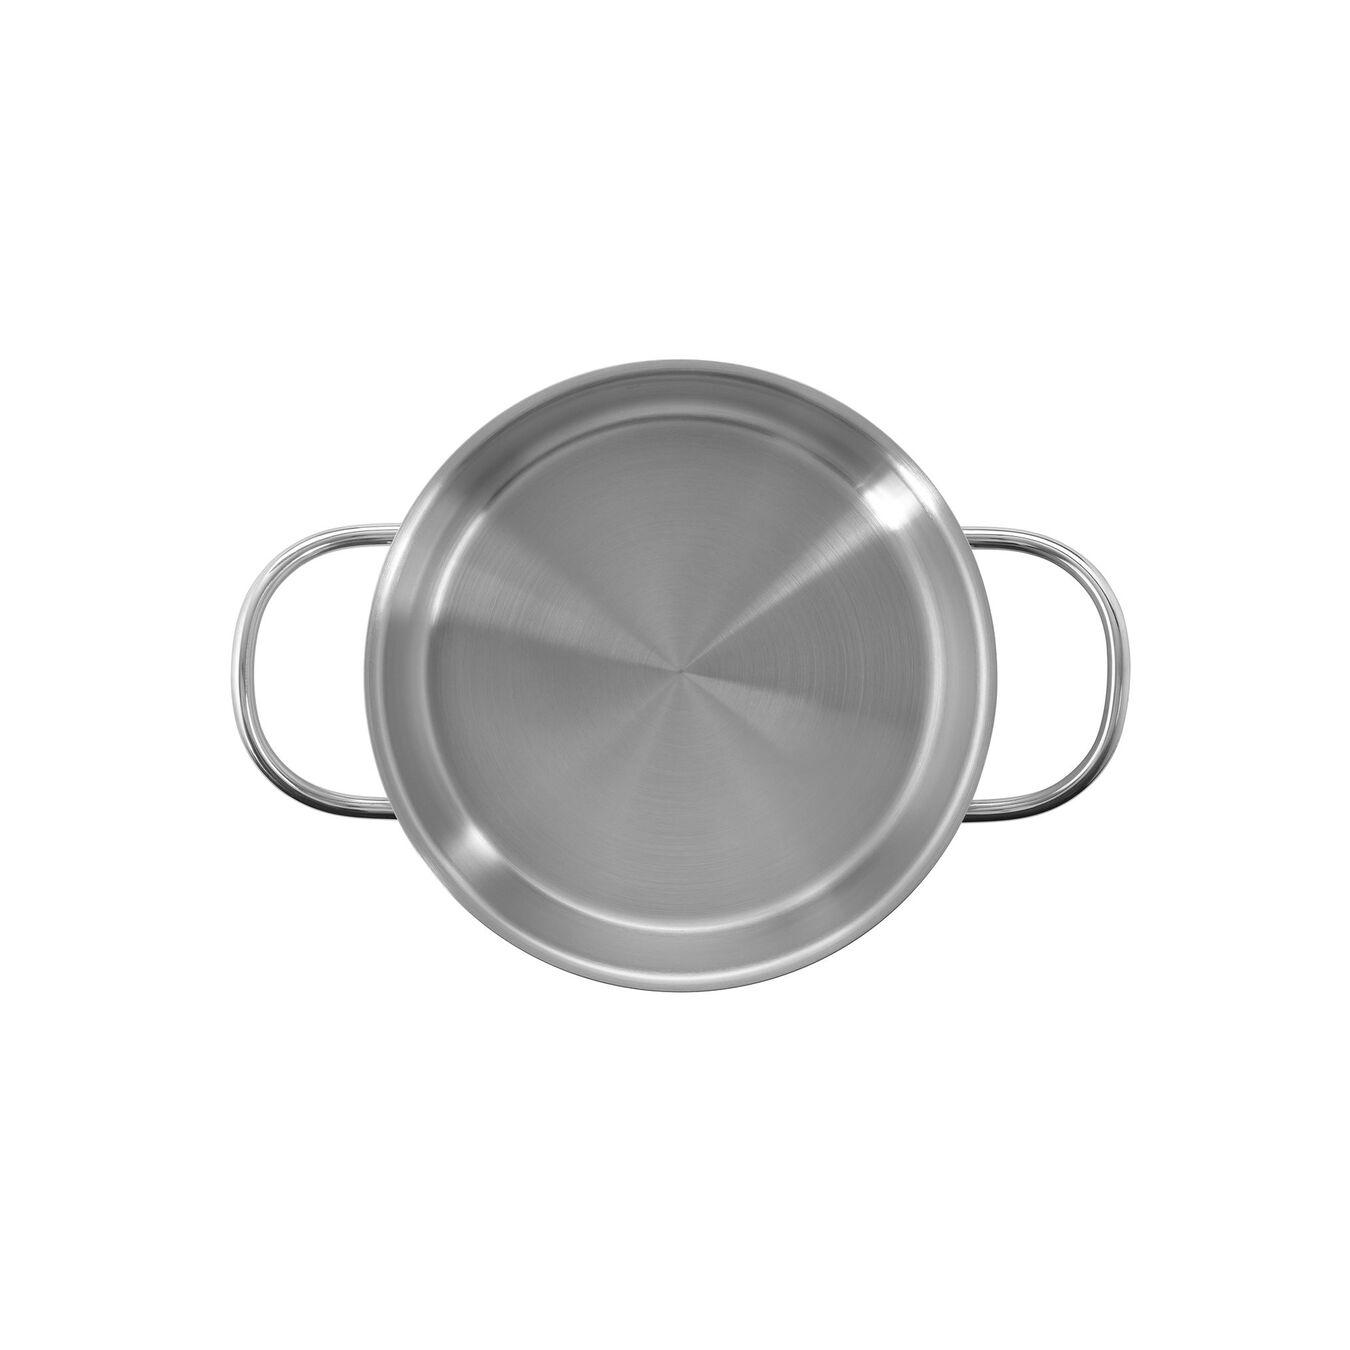 Sığ Tencere | 18/10 Paslanmaz Çelik | 1,5 l | Metalik Gri,,large 2